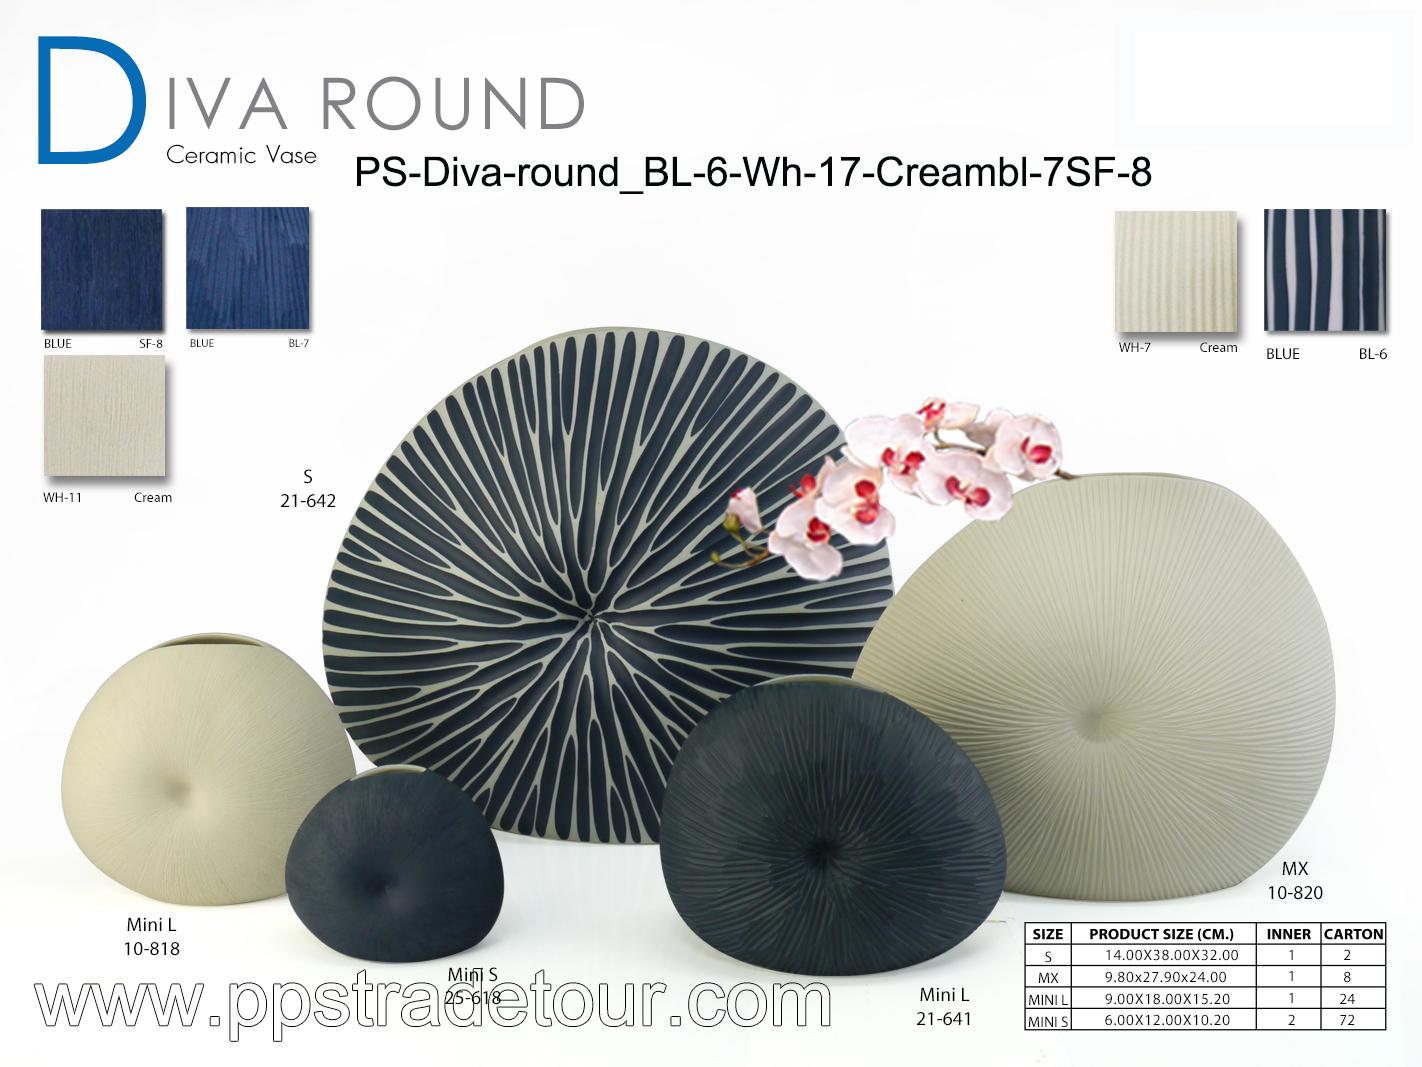 PSCV-Diva-round_BL-6-WH-17-CREAMBL-7SF-8